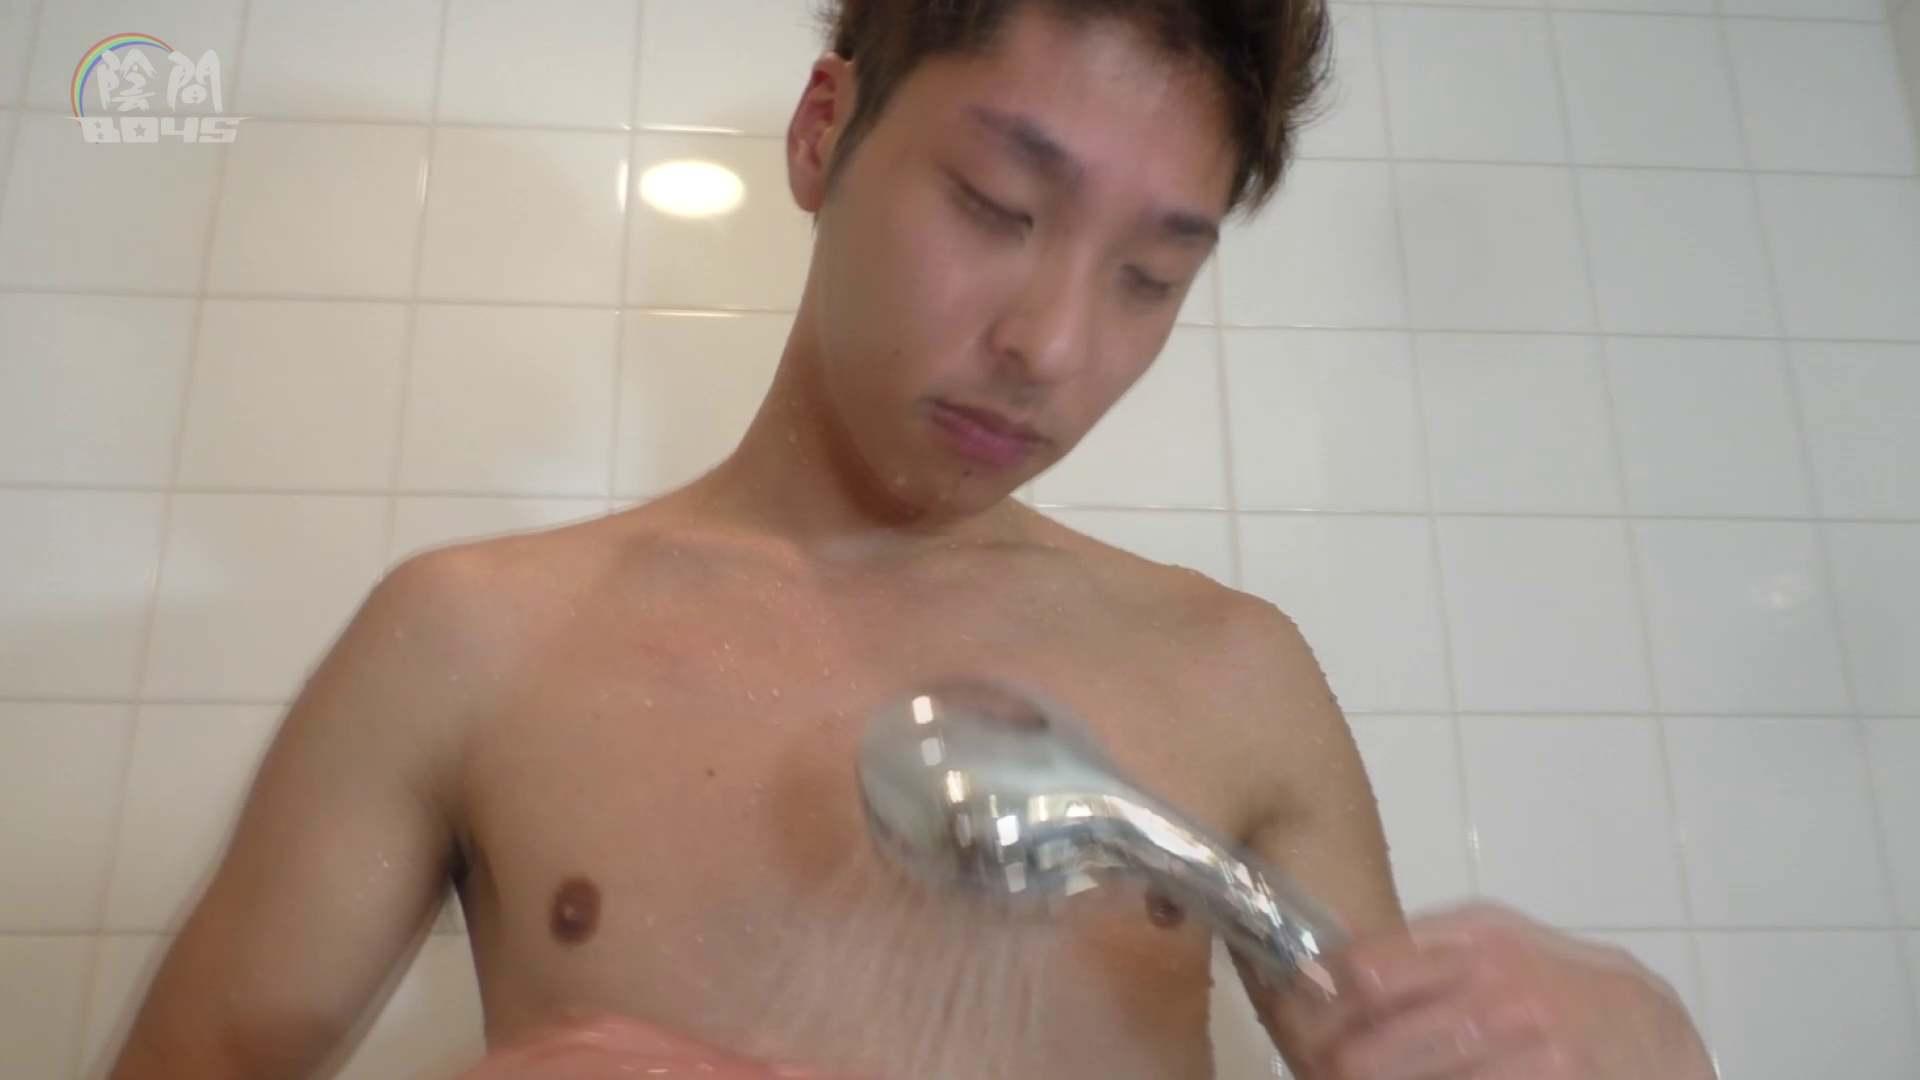 デカチン探偵かしこまりpart2 No.03 ゲイのセックス ゲイ無修正ビデオ画像 75枚 44